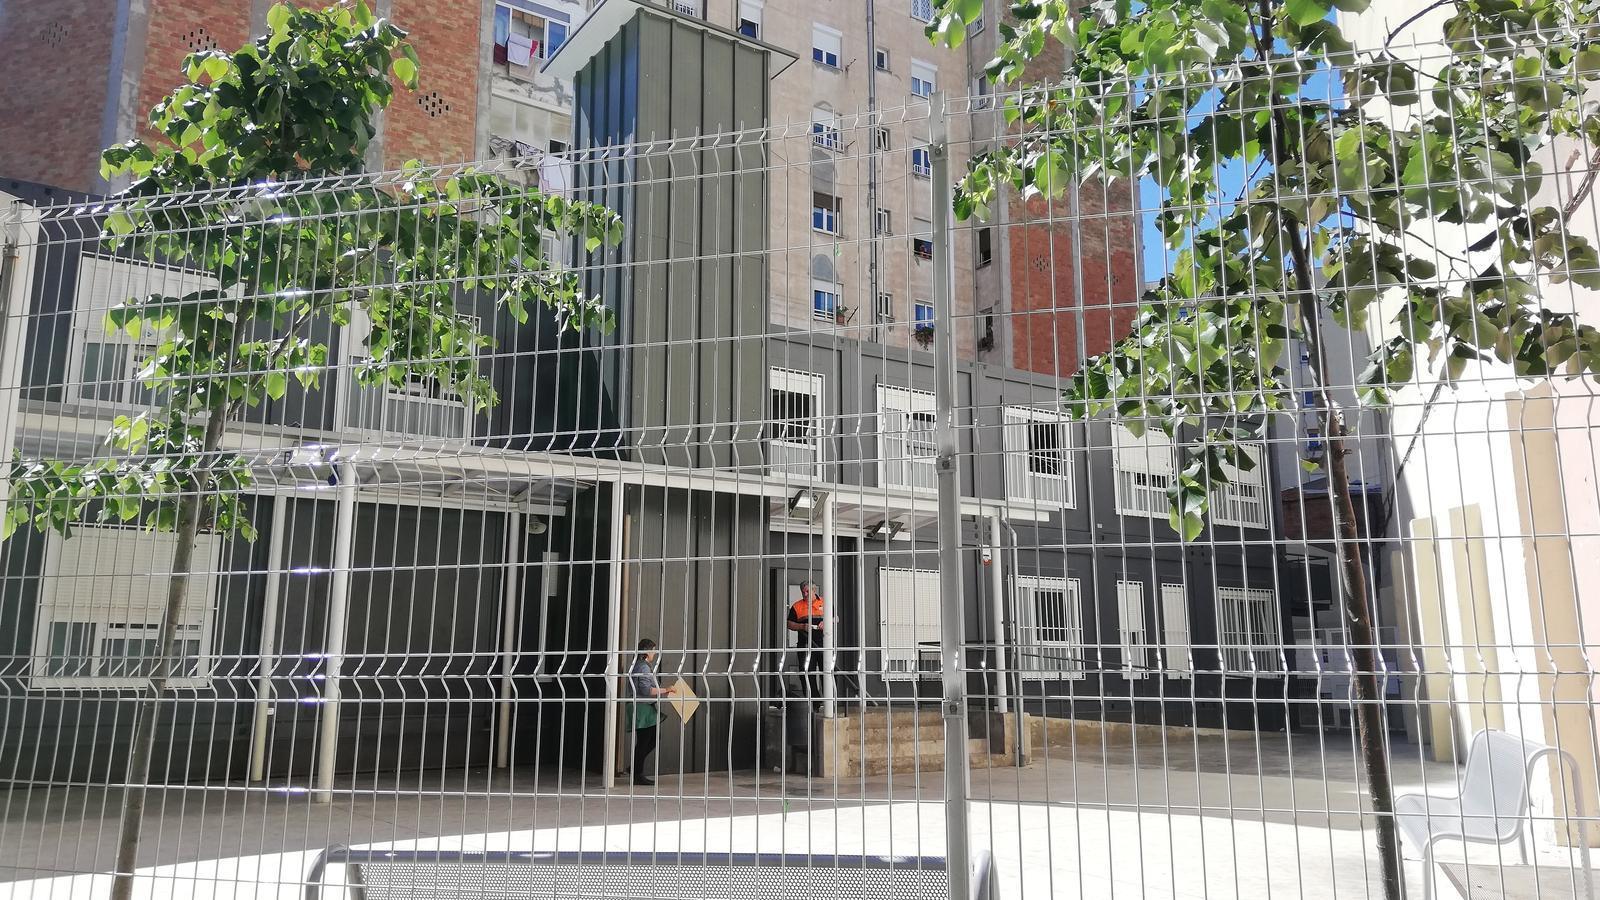 Tanca el centre d'emergència per a 'menes' instal·lat en uns barracons de l'Eixample